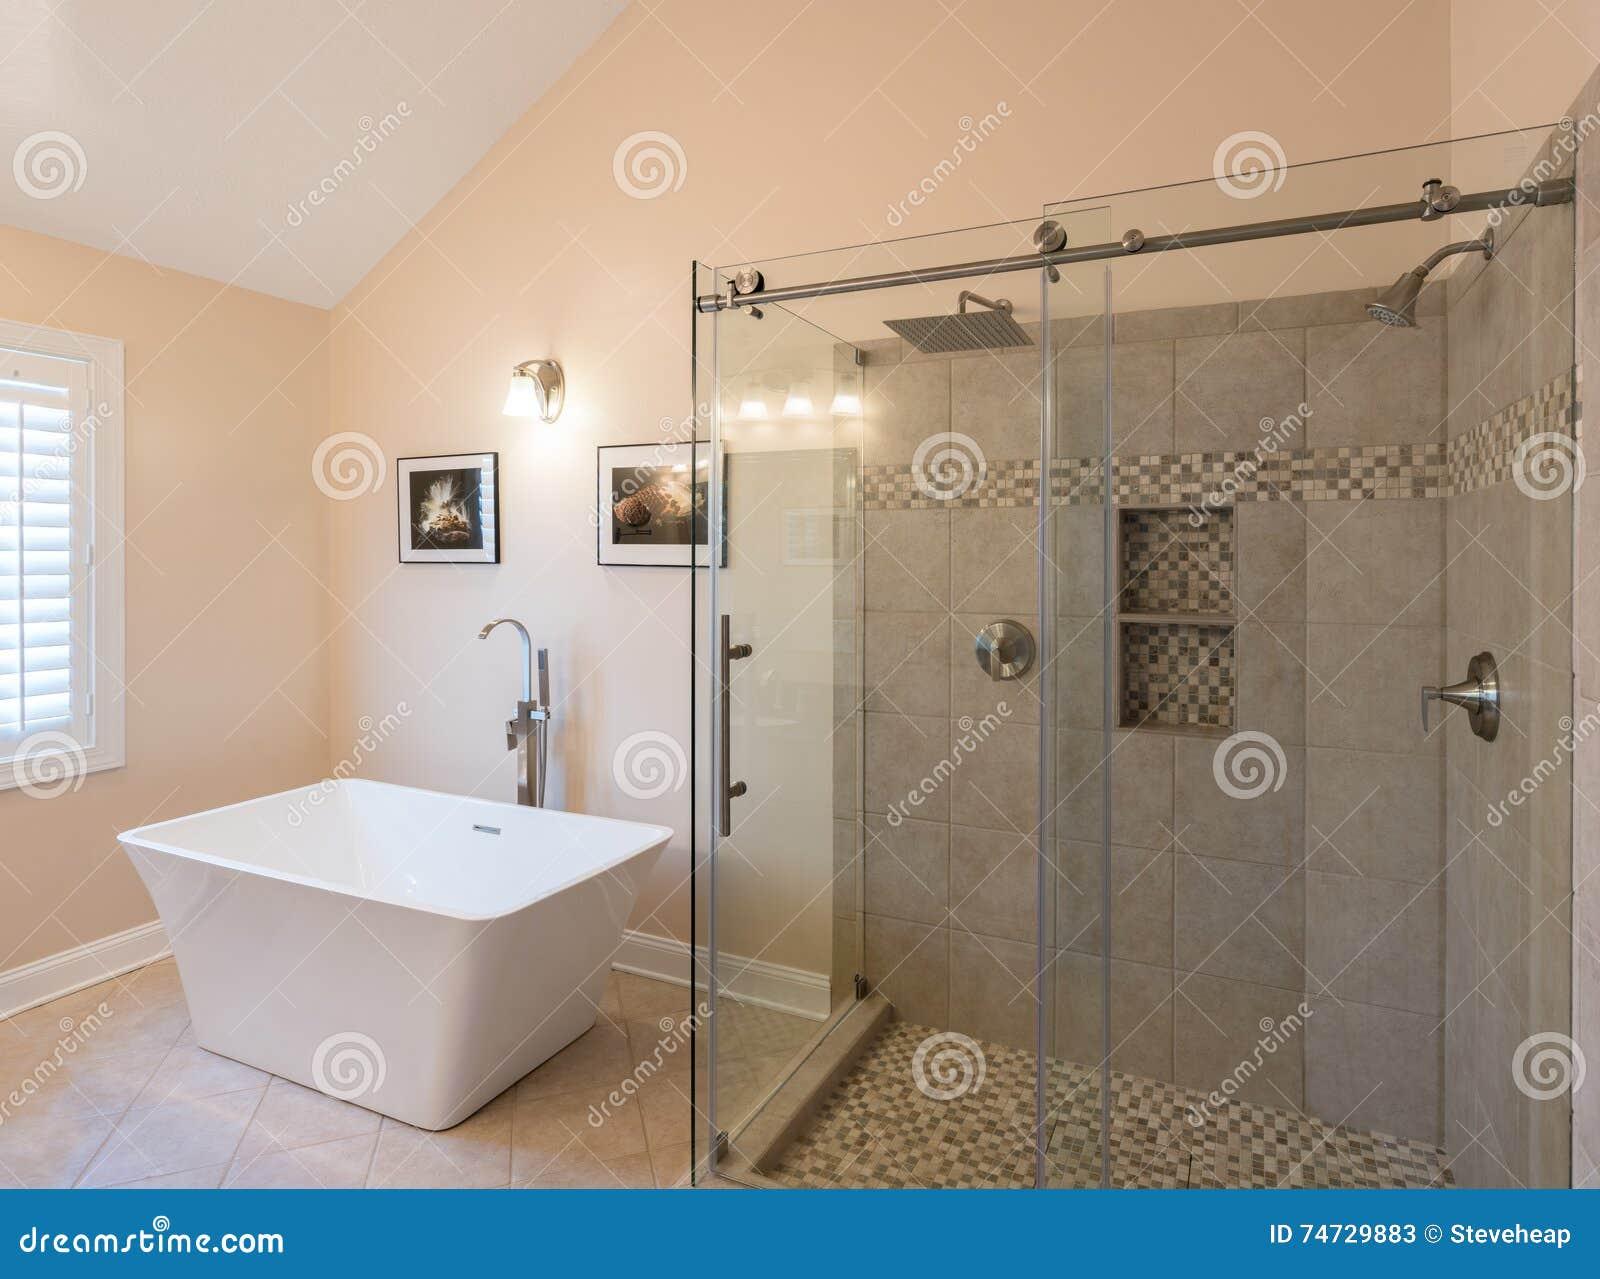 Bagno moderno con la vasca e la doccia indipendenti - Bagno moderno con vasca ...